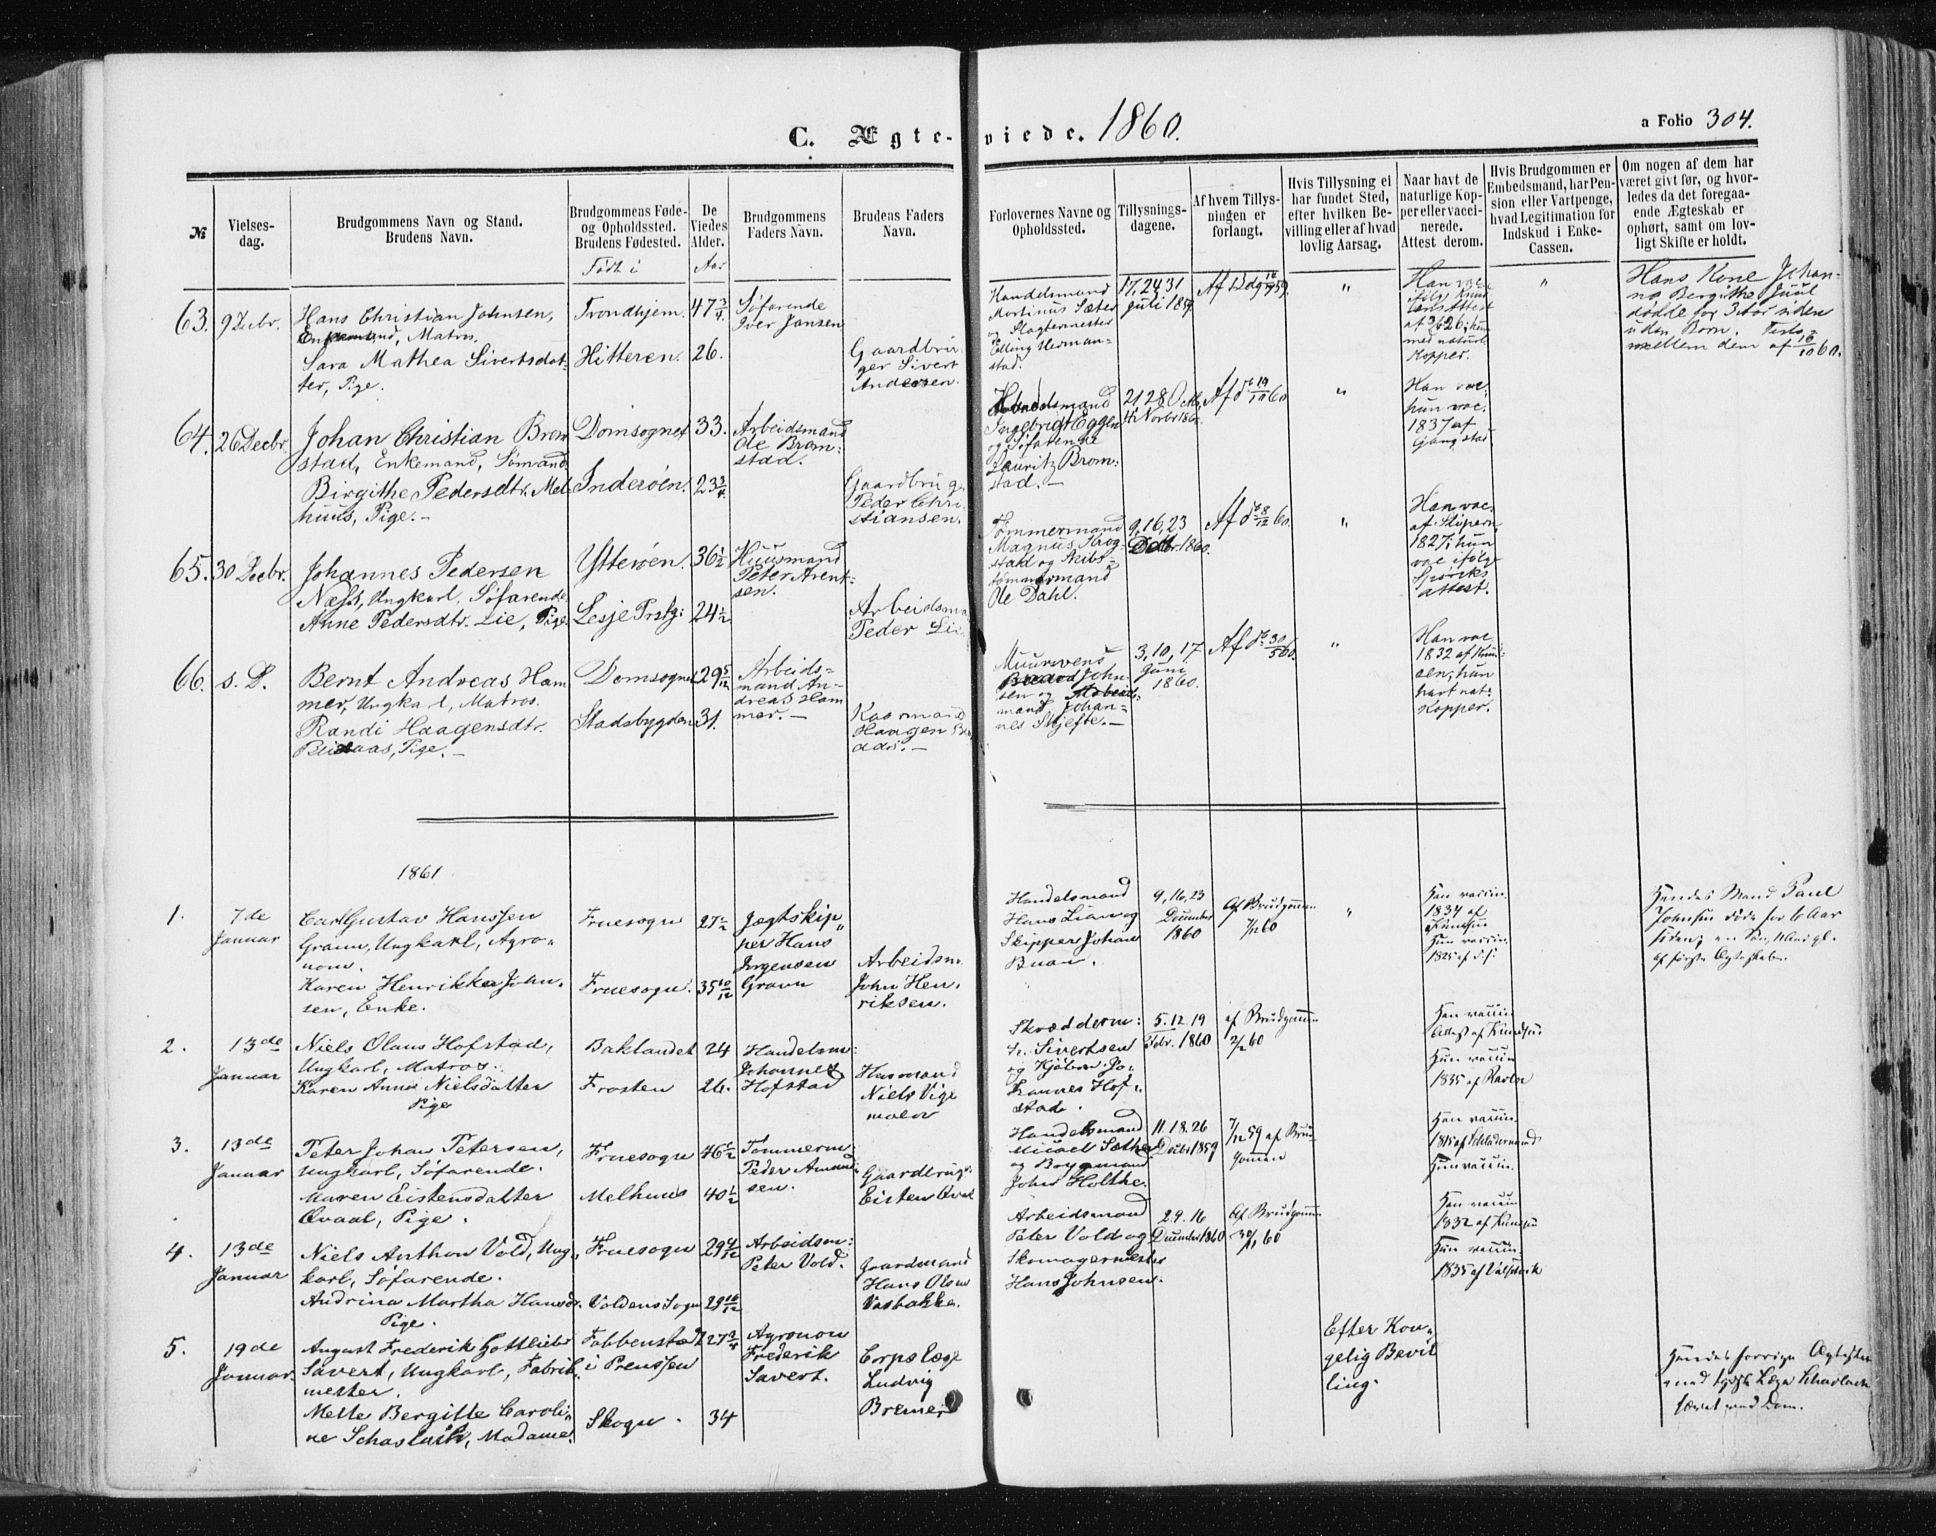 SAT, Ministerialprotokoller, klokkerbøker og fødselsregistre - Sør-Trøndelag, 602/L0115: Ministerialbok nr. 602A13, 1860-1872, s. 304